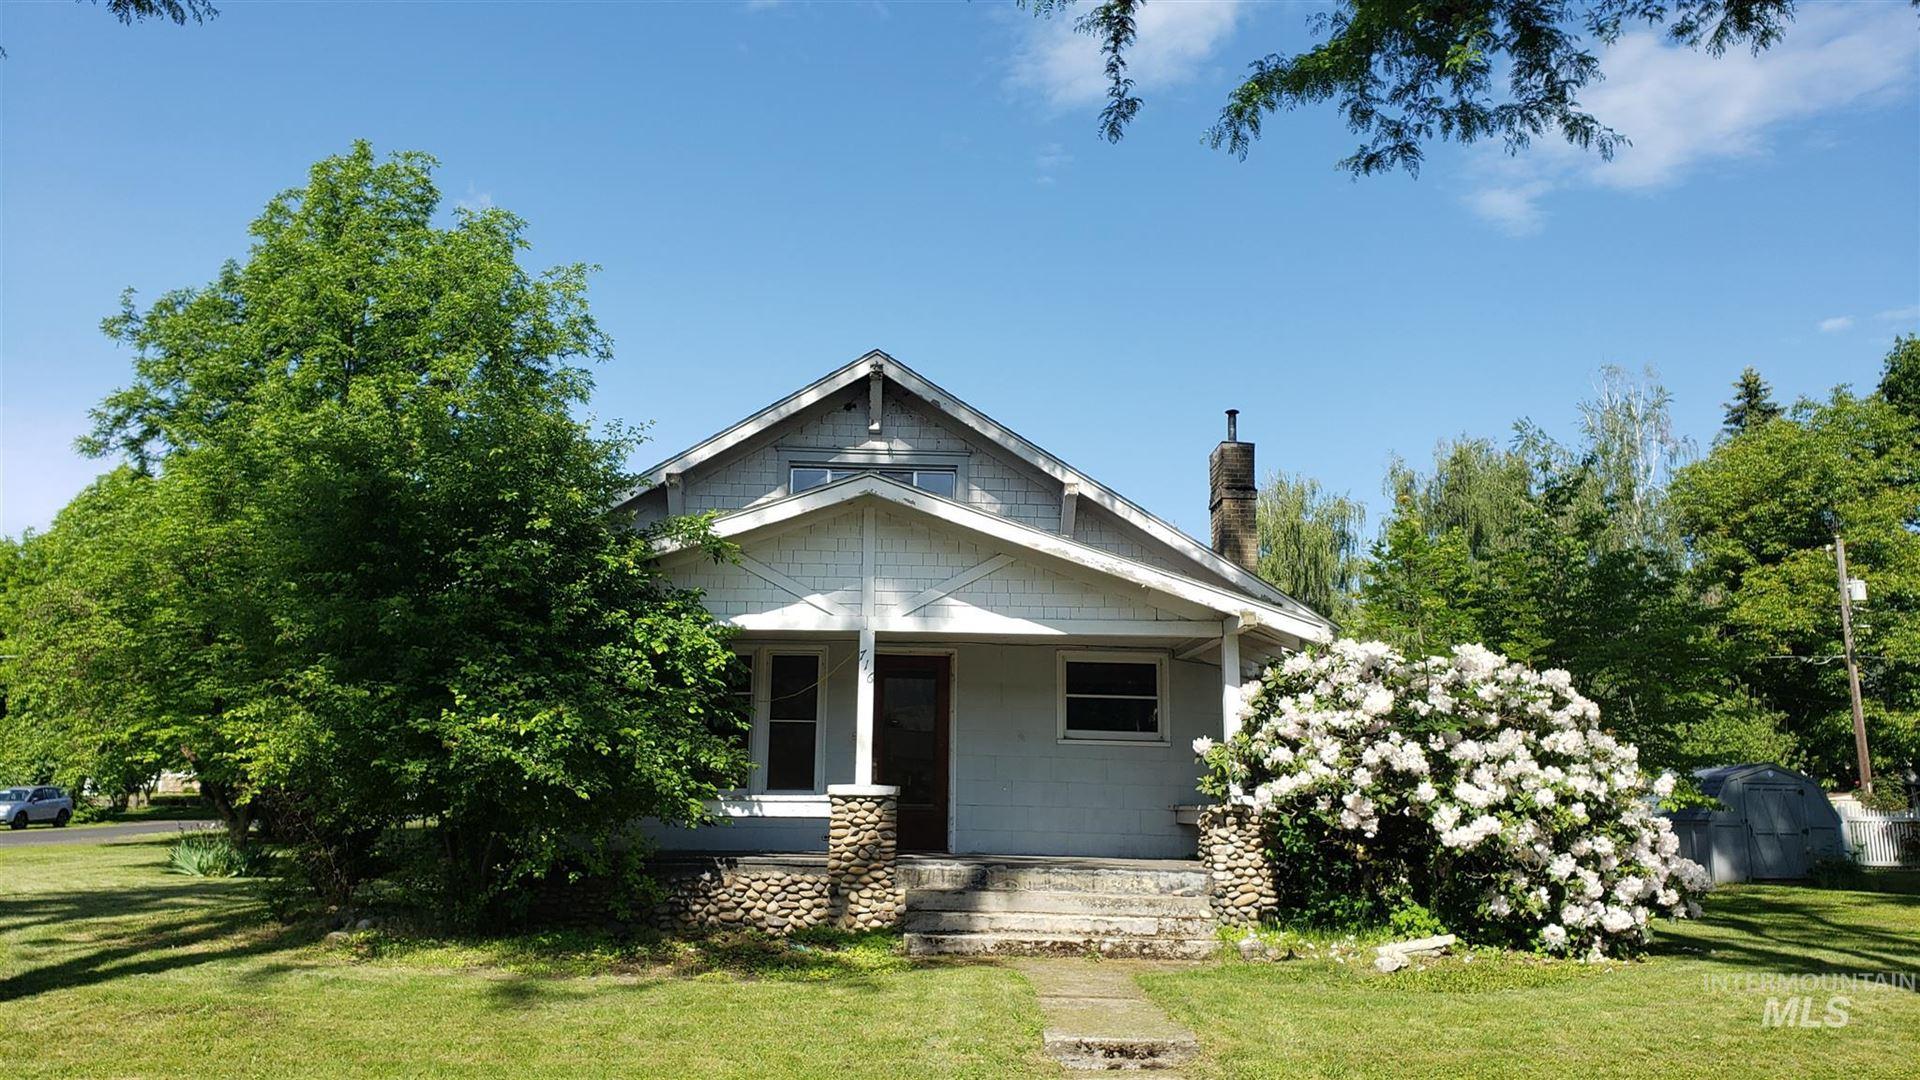 716 Idaho Street, Kamiah, ID 83536 - MLS#: 98755737